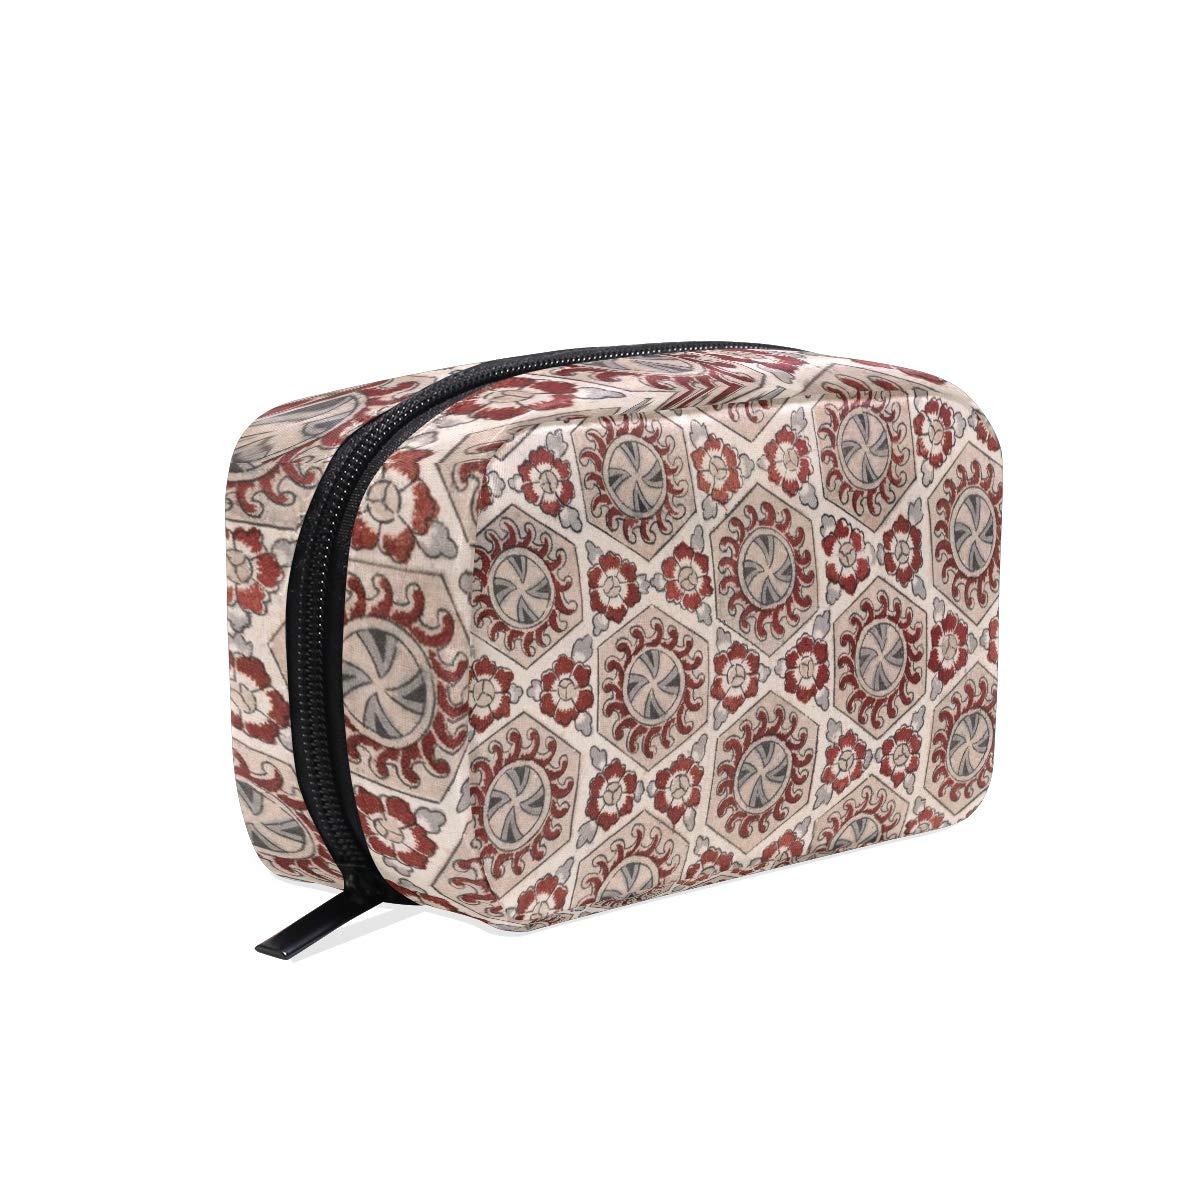 Cosmetic Bag Makeup Bag Brush Organizer Hanging Bohemian Cosmetic Makeup Bag for Travel Home